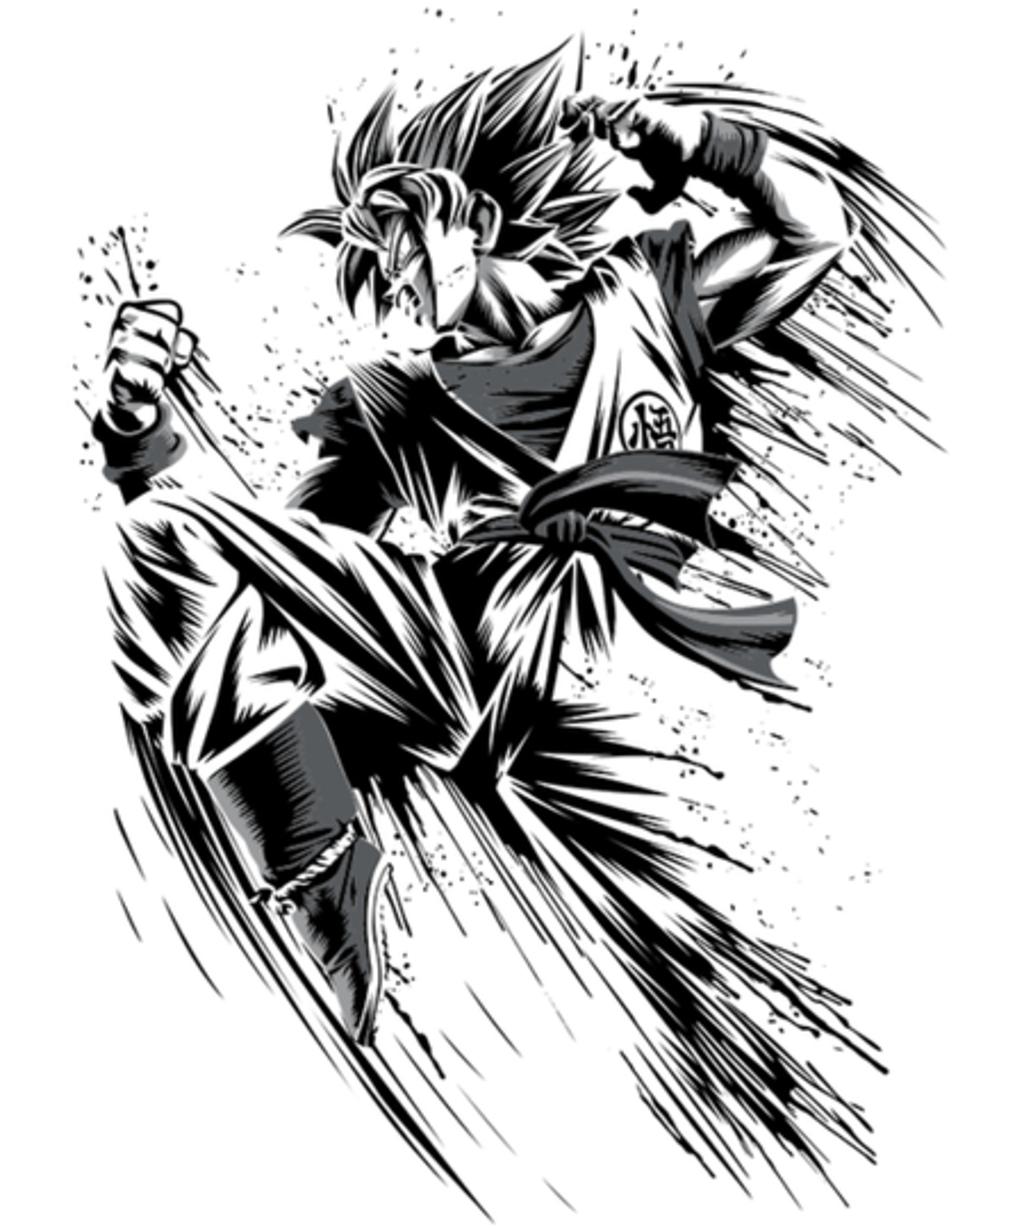 Qwertee: Ink Attack